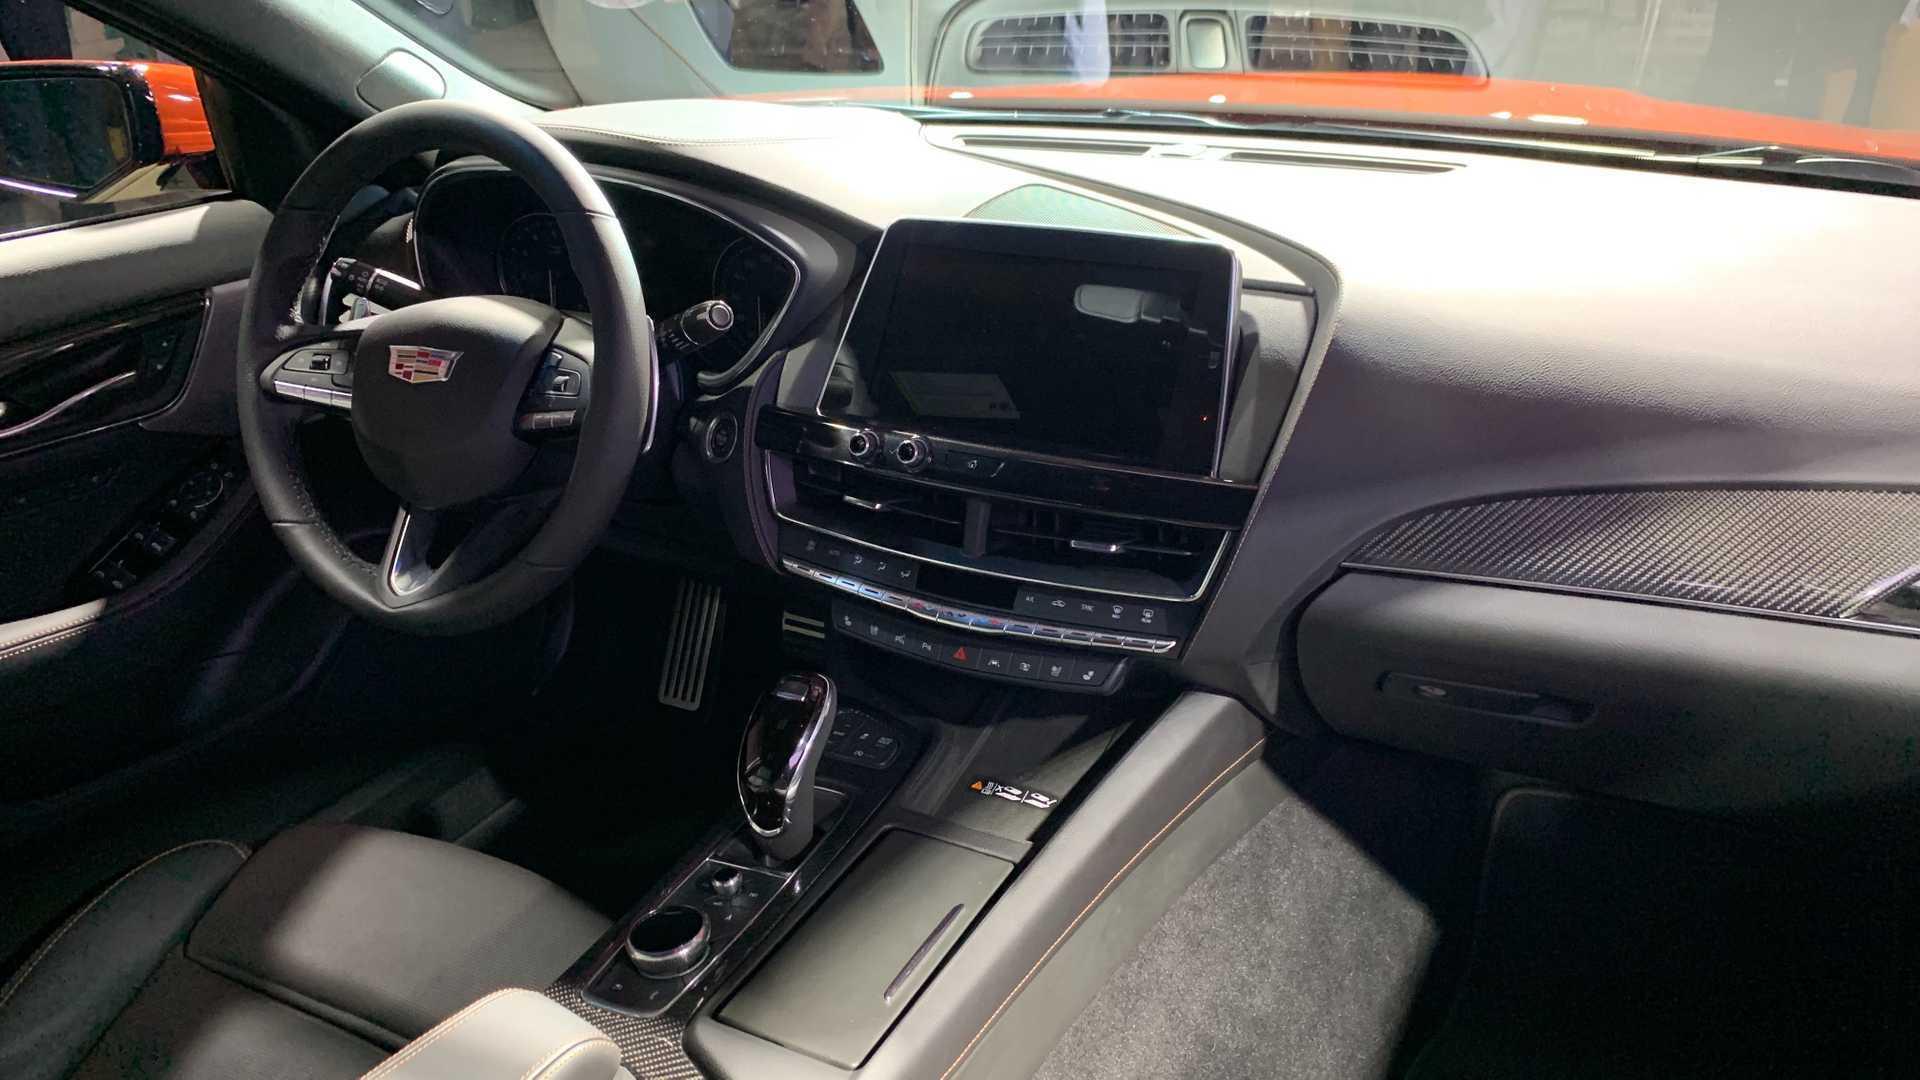 2020 - [Cadillac] CT5 - Page 2 Cadillac-ct5-v-debut